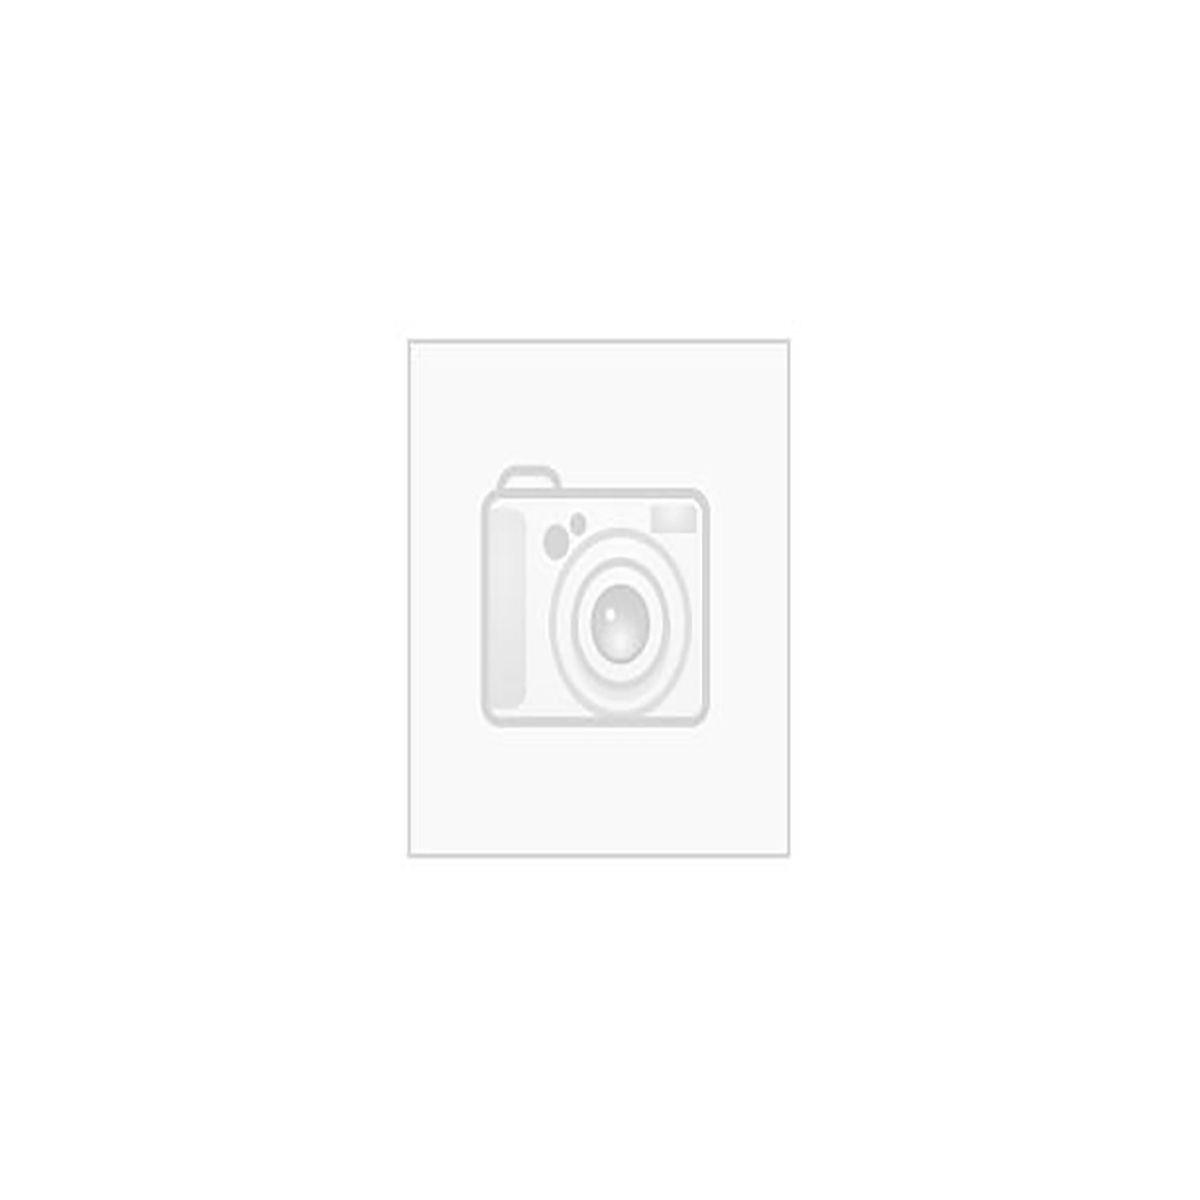 Tapwell - BOX8268 SQUARE Takdusj